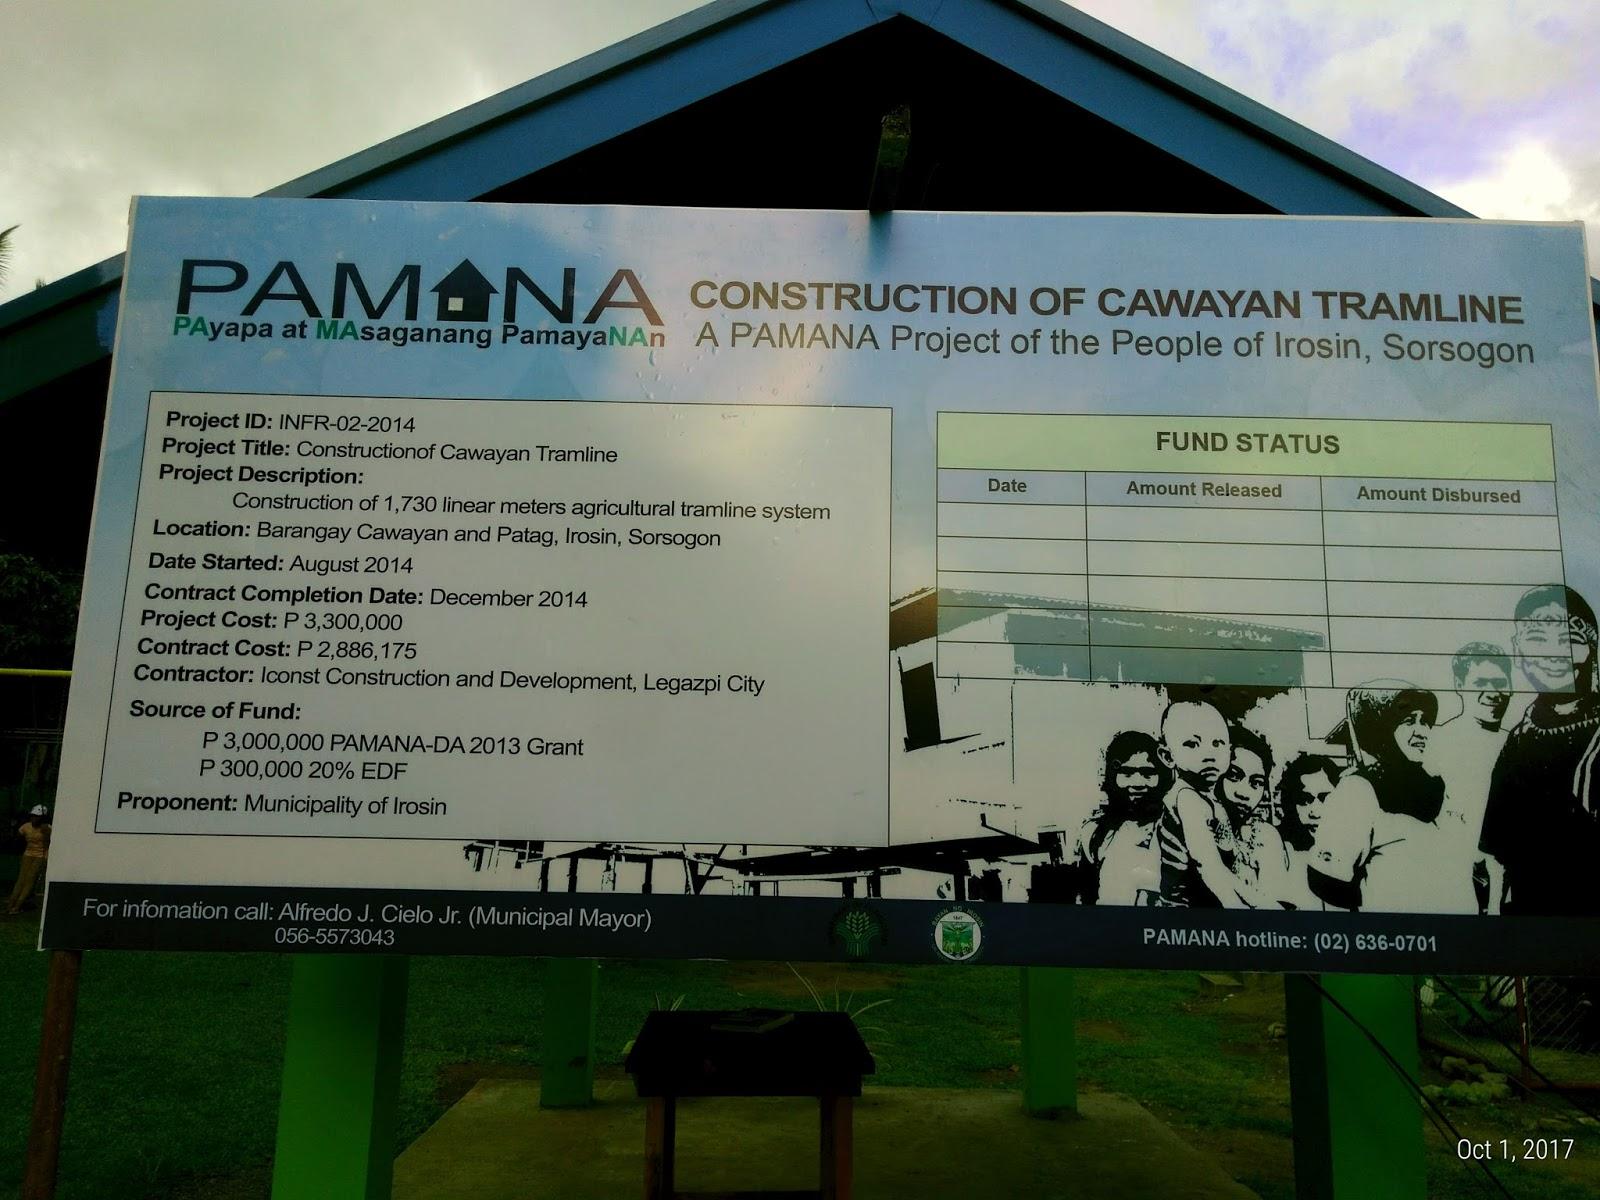 cawayan tramline patag irosin sorsogon